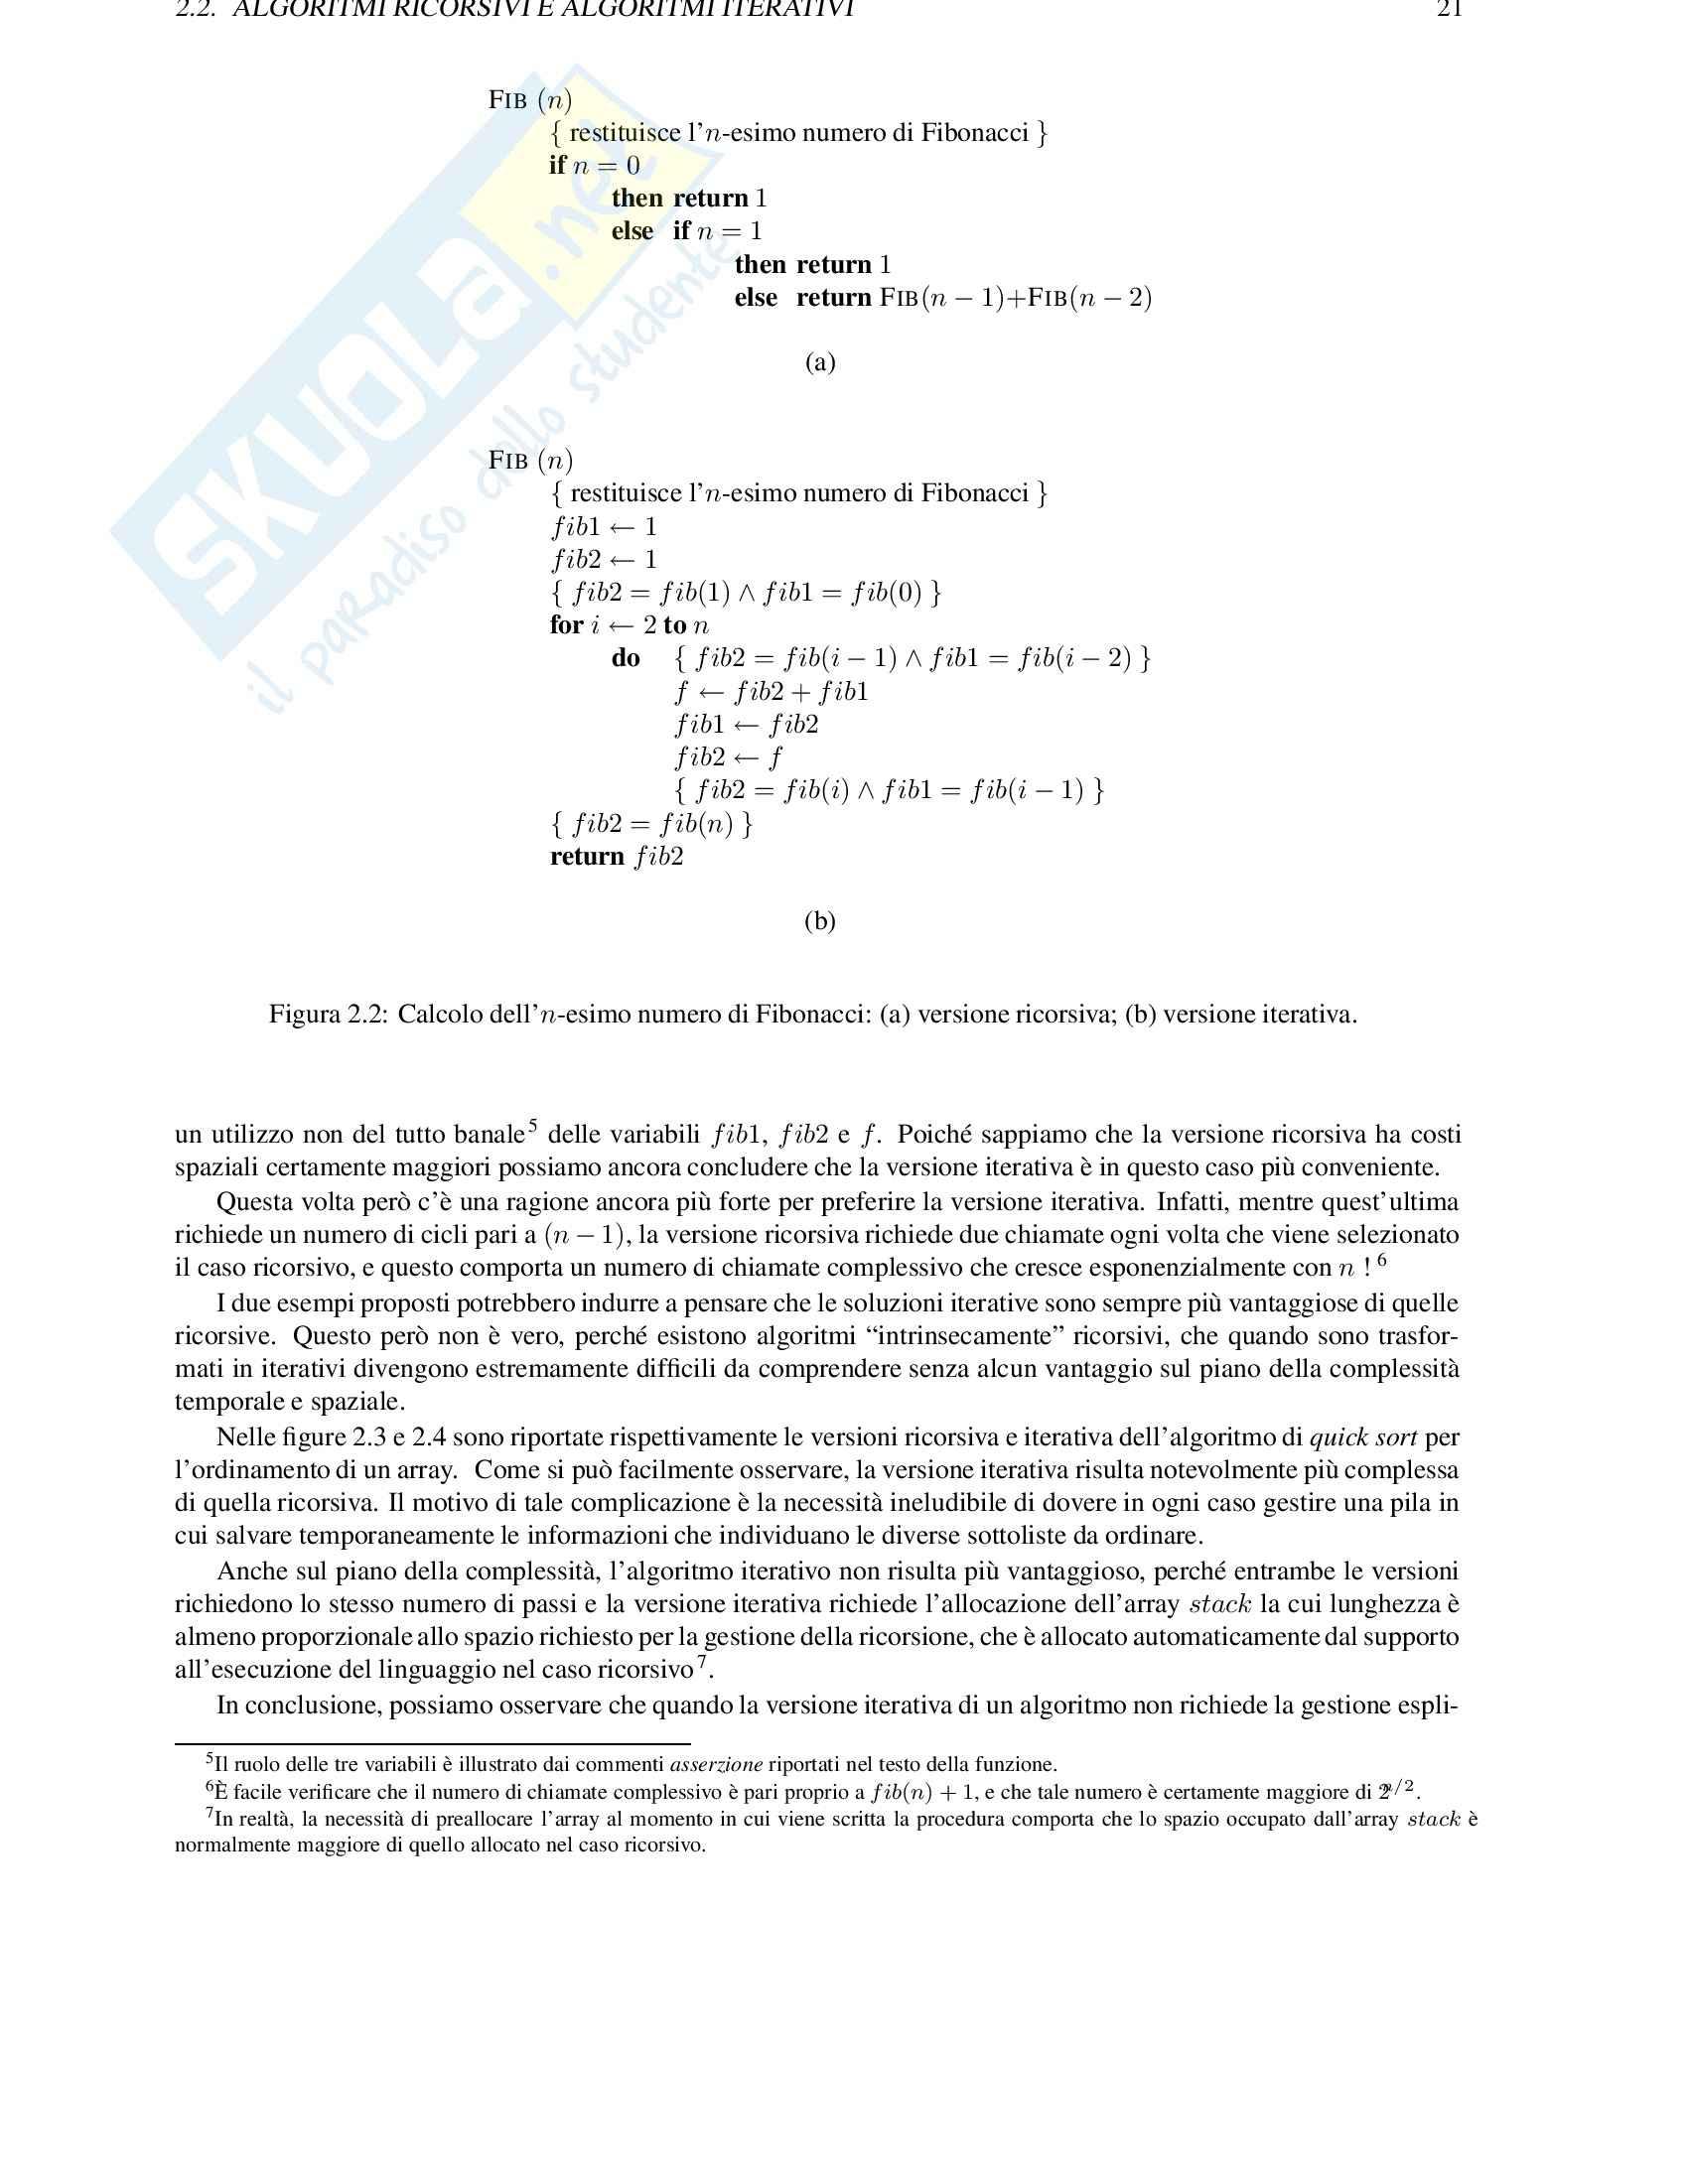 Algoritmi e strutture dati Pag. 21